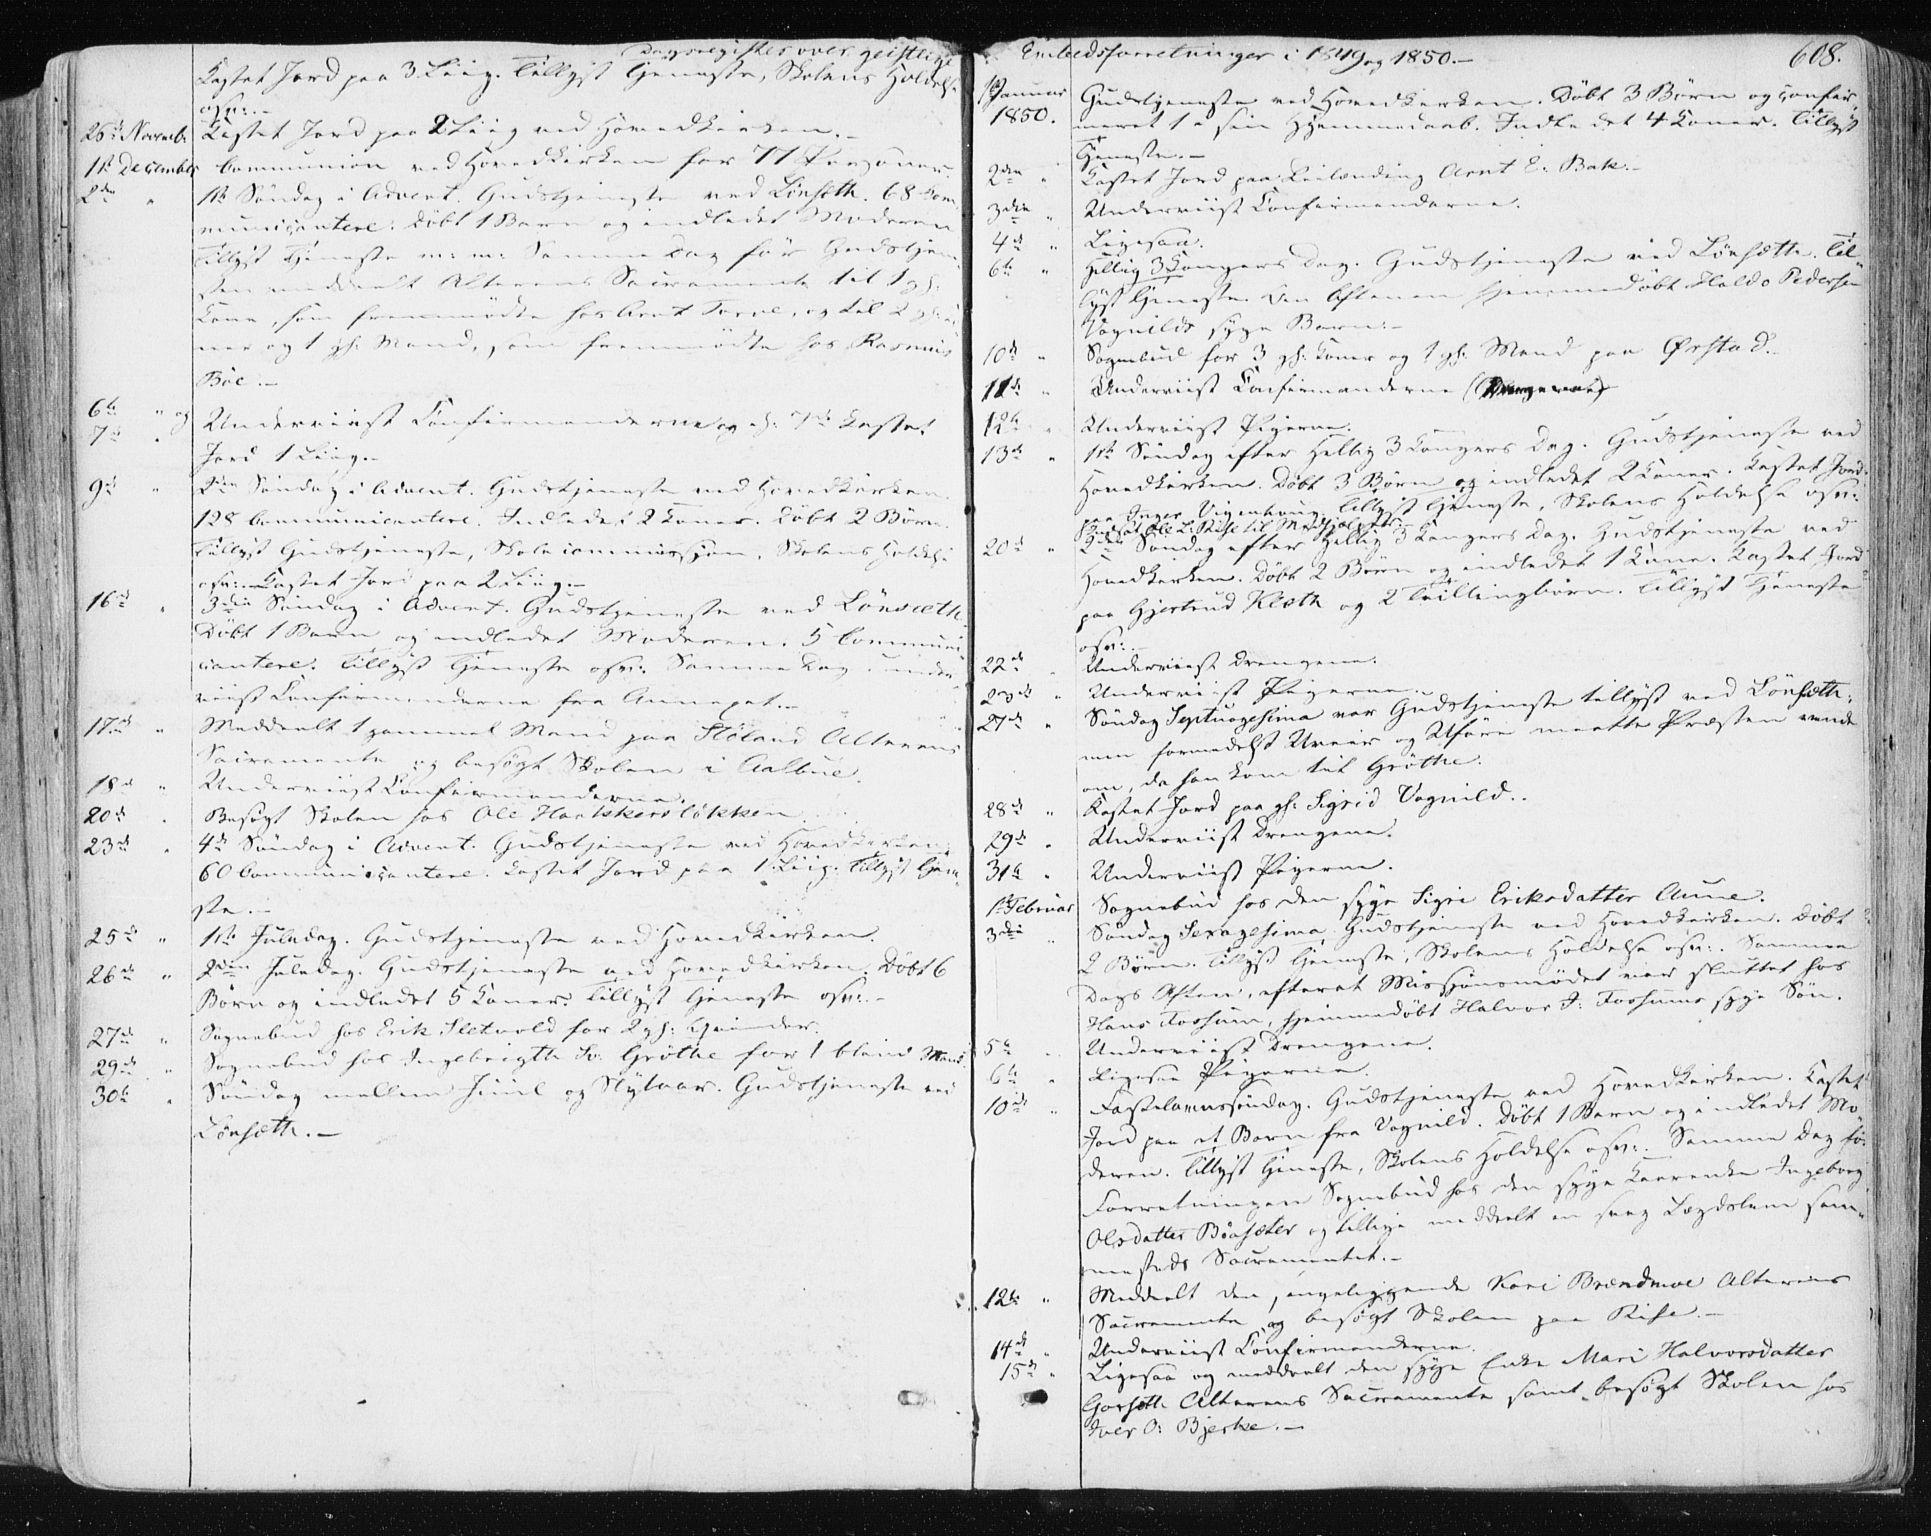 SAT, Ministerialprotokoller, klokkerbøker og fødselsregistre - Sør-Trøndelag, 678/L0899: Ministerialbok nr. 678A08, 1848-1872, s. 608